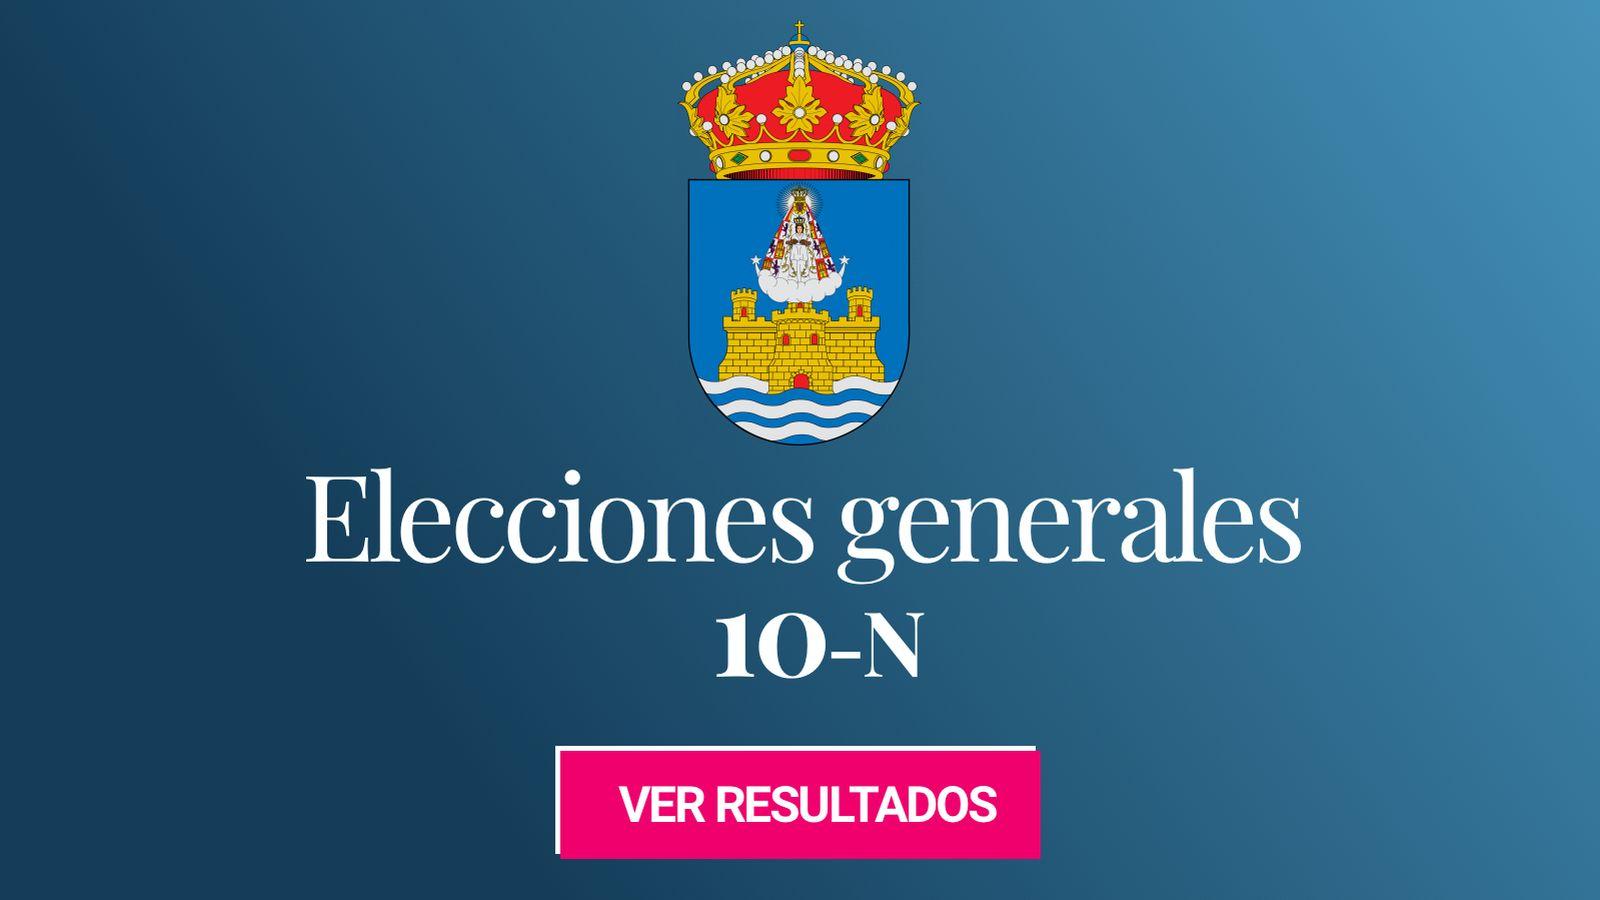 Foto: Elecciones generales 2019 en El Puerto de Santa María. (C.C./EC)